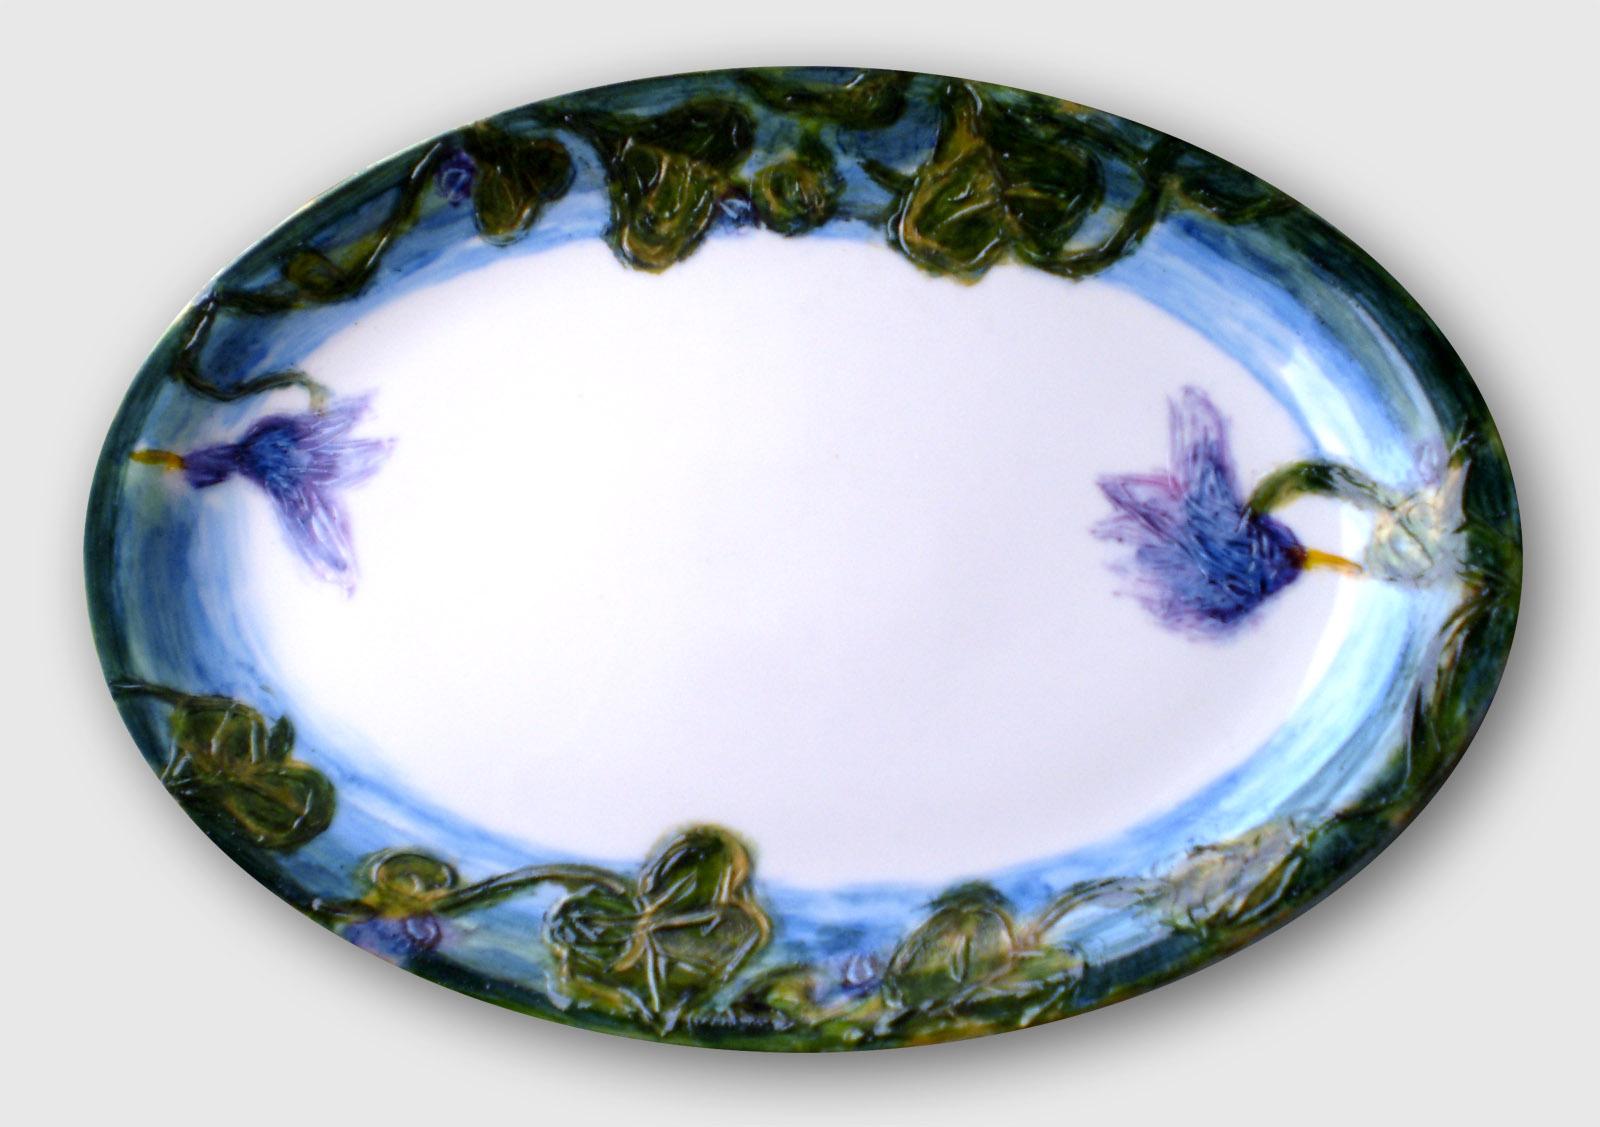 Ogród - ceramika, półmisek, ArsKinga - Kinga Pawełska